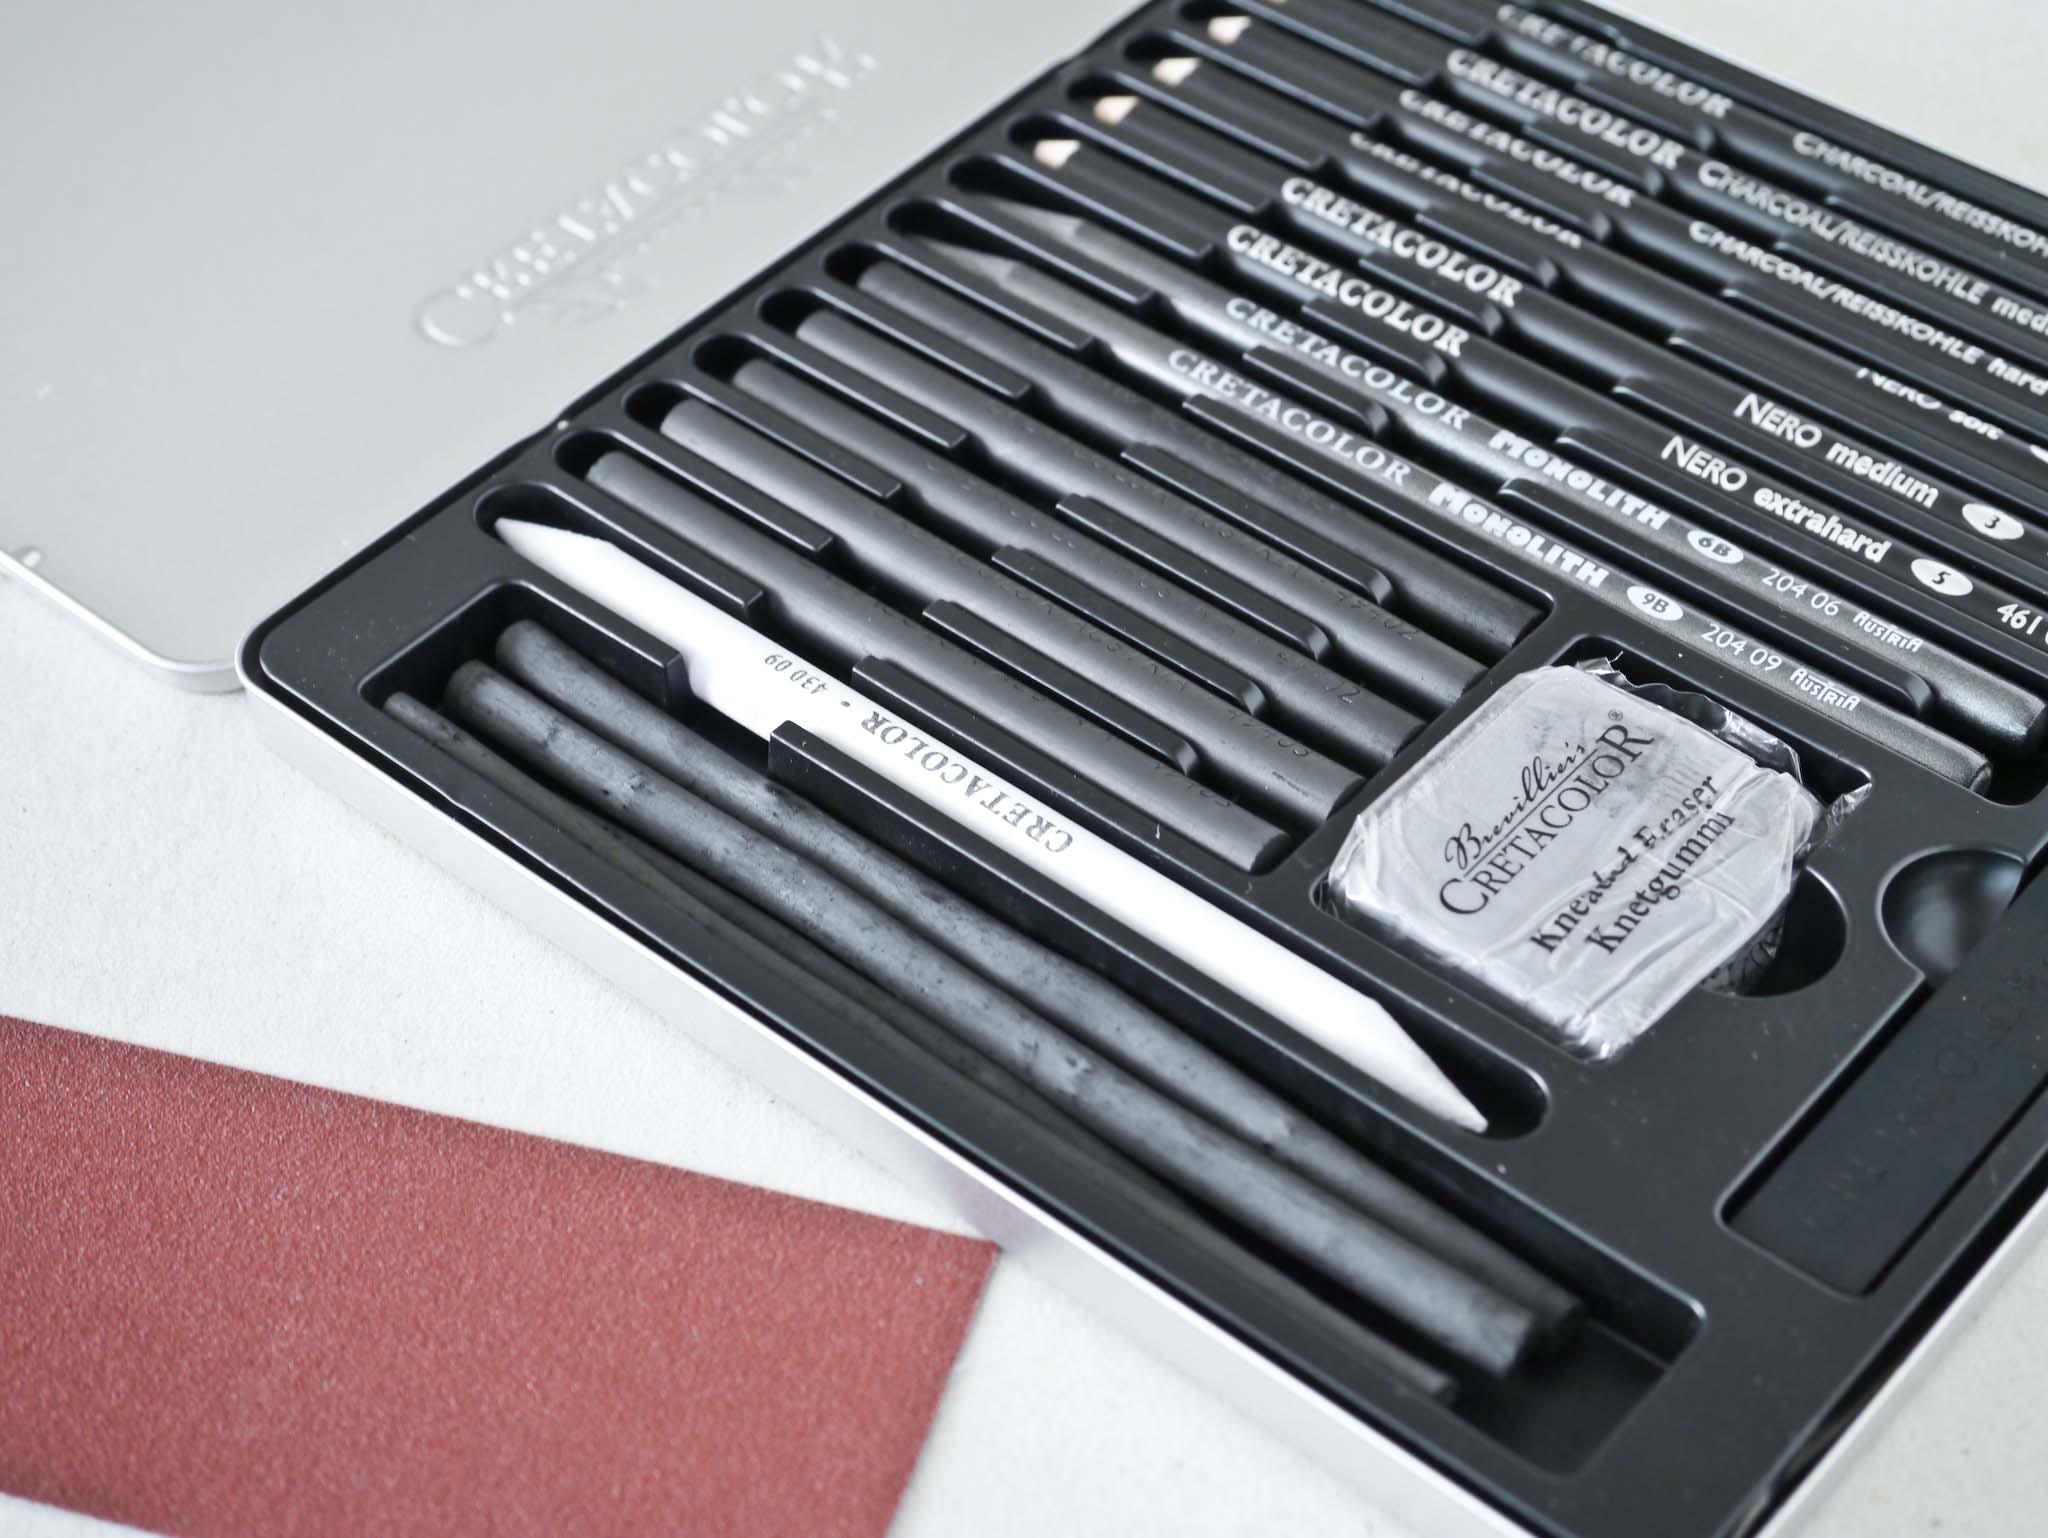 Cretacolor Black Box Charcoal Drawing Set